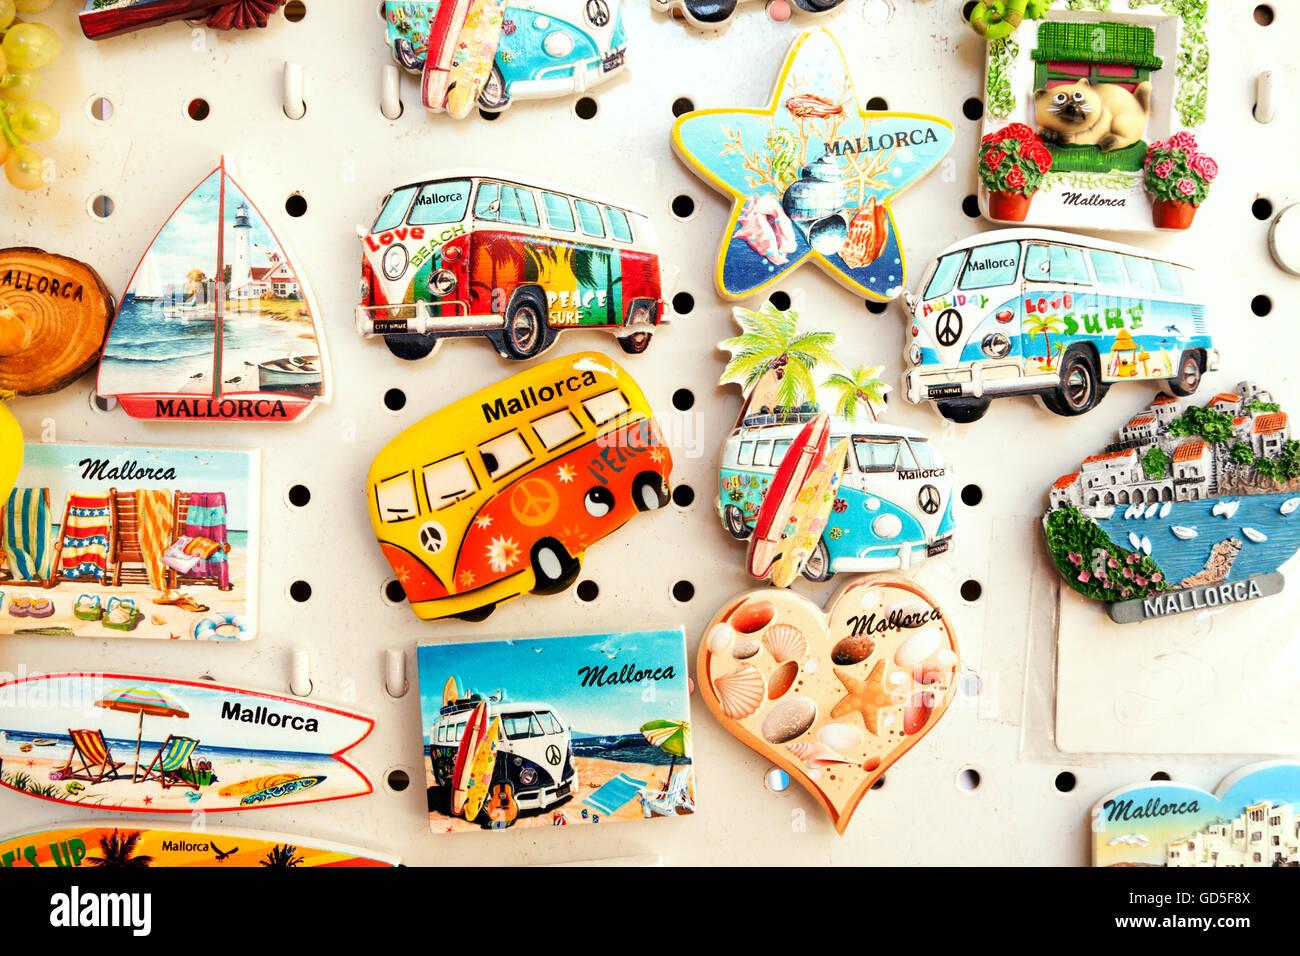 Magneti per il frigo, Mallorca ( Maiorca ), Spagna, Europa Immagini Stock